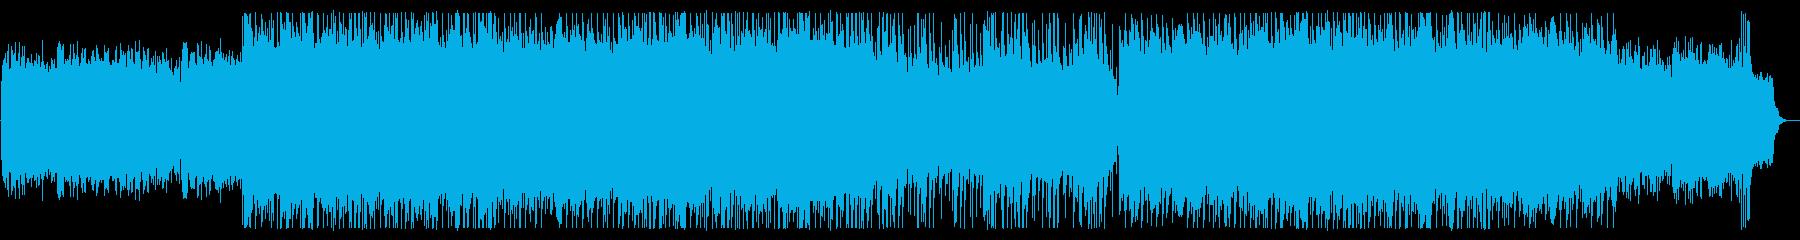 和楽器による心地よいポップスの再生済みの波形